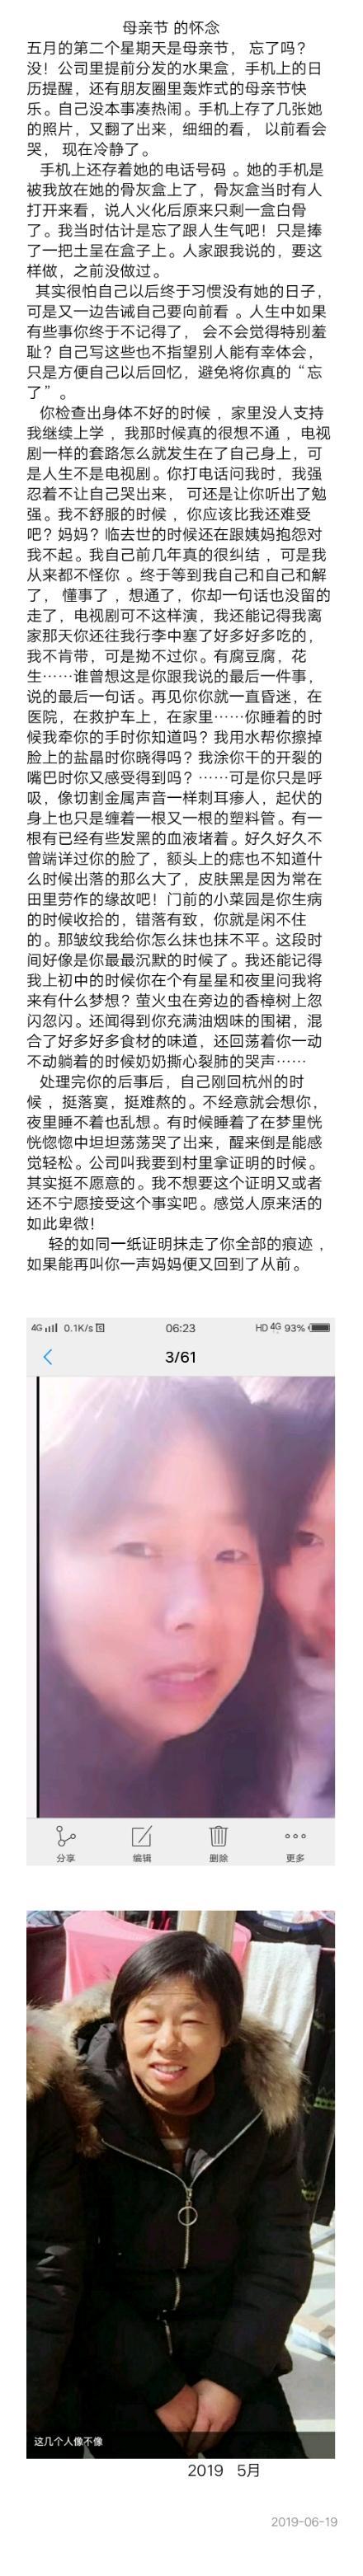 母亲节快乐(献给天堂里的母亲)_小贝_新浪博客